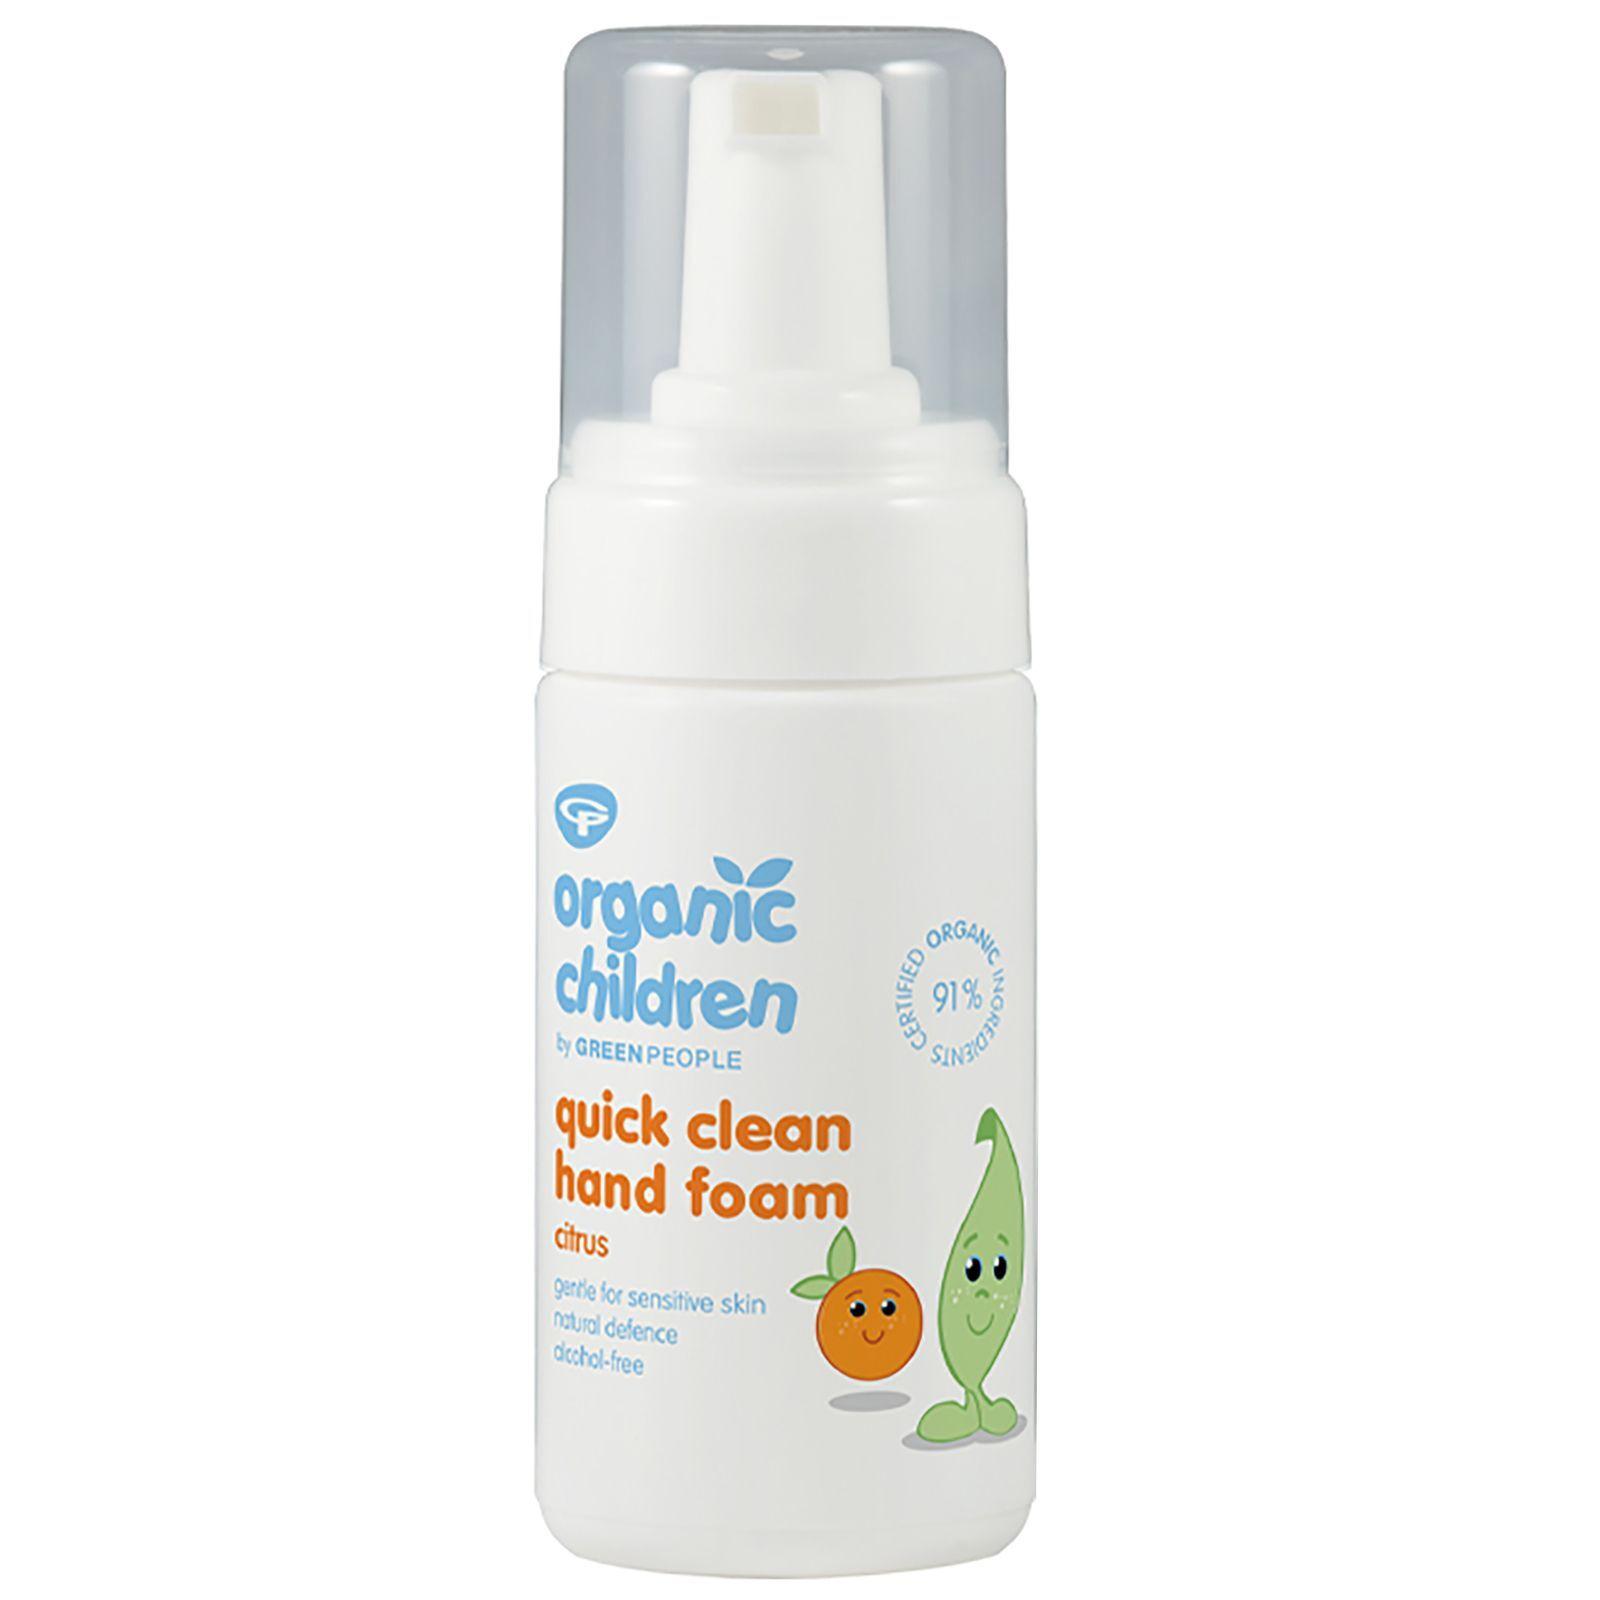 Green People - Organic Children Hand Sanitiser 100ml  for Women